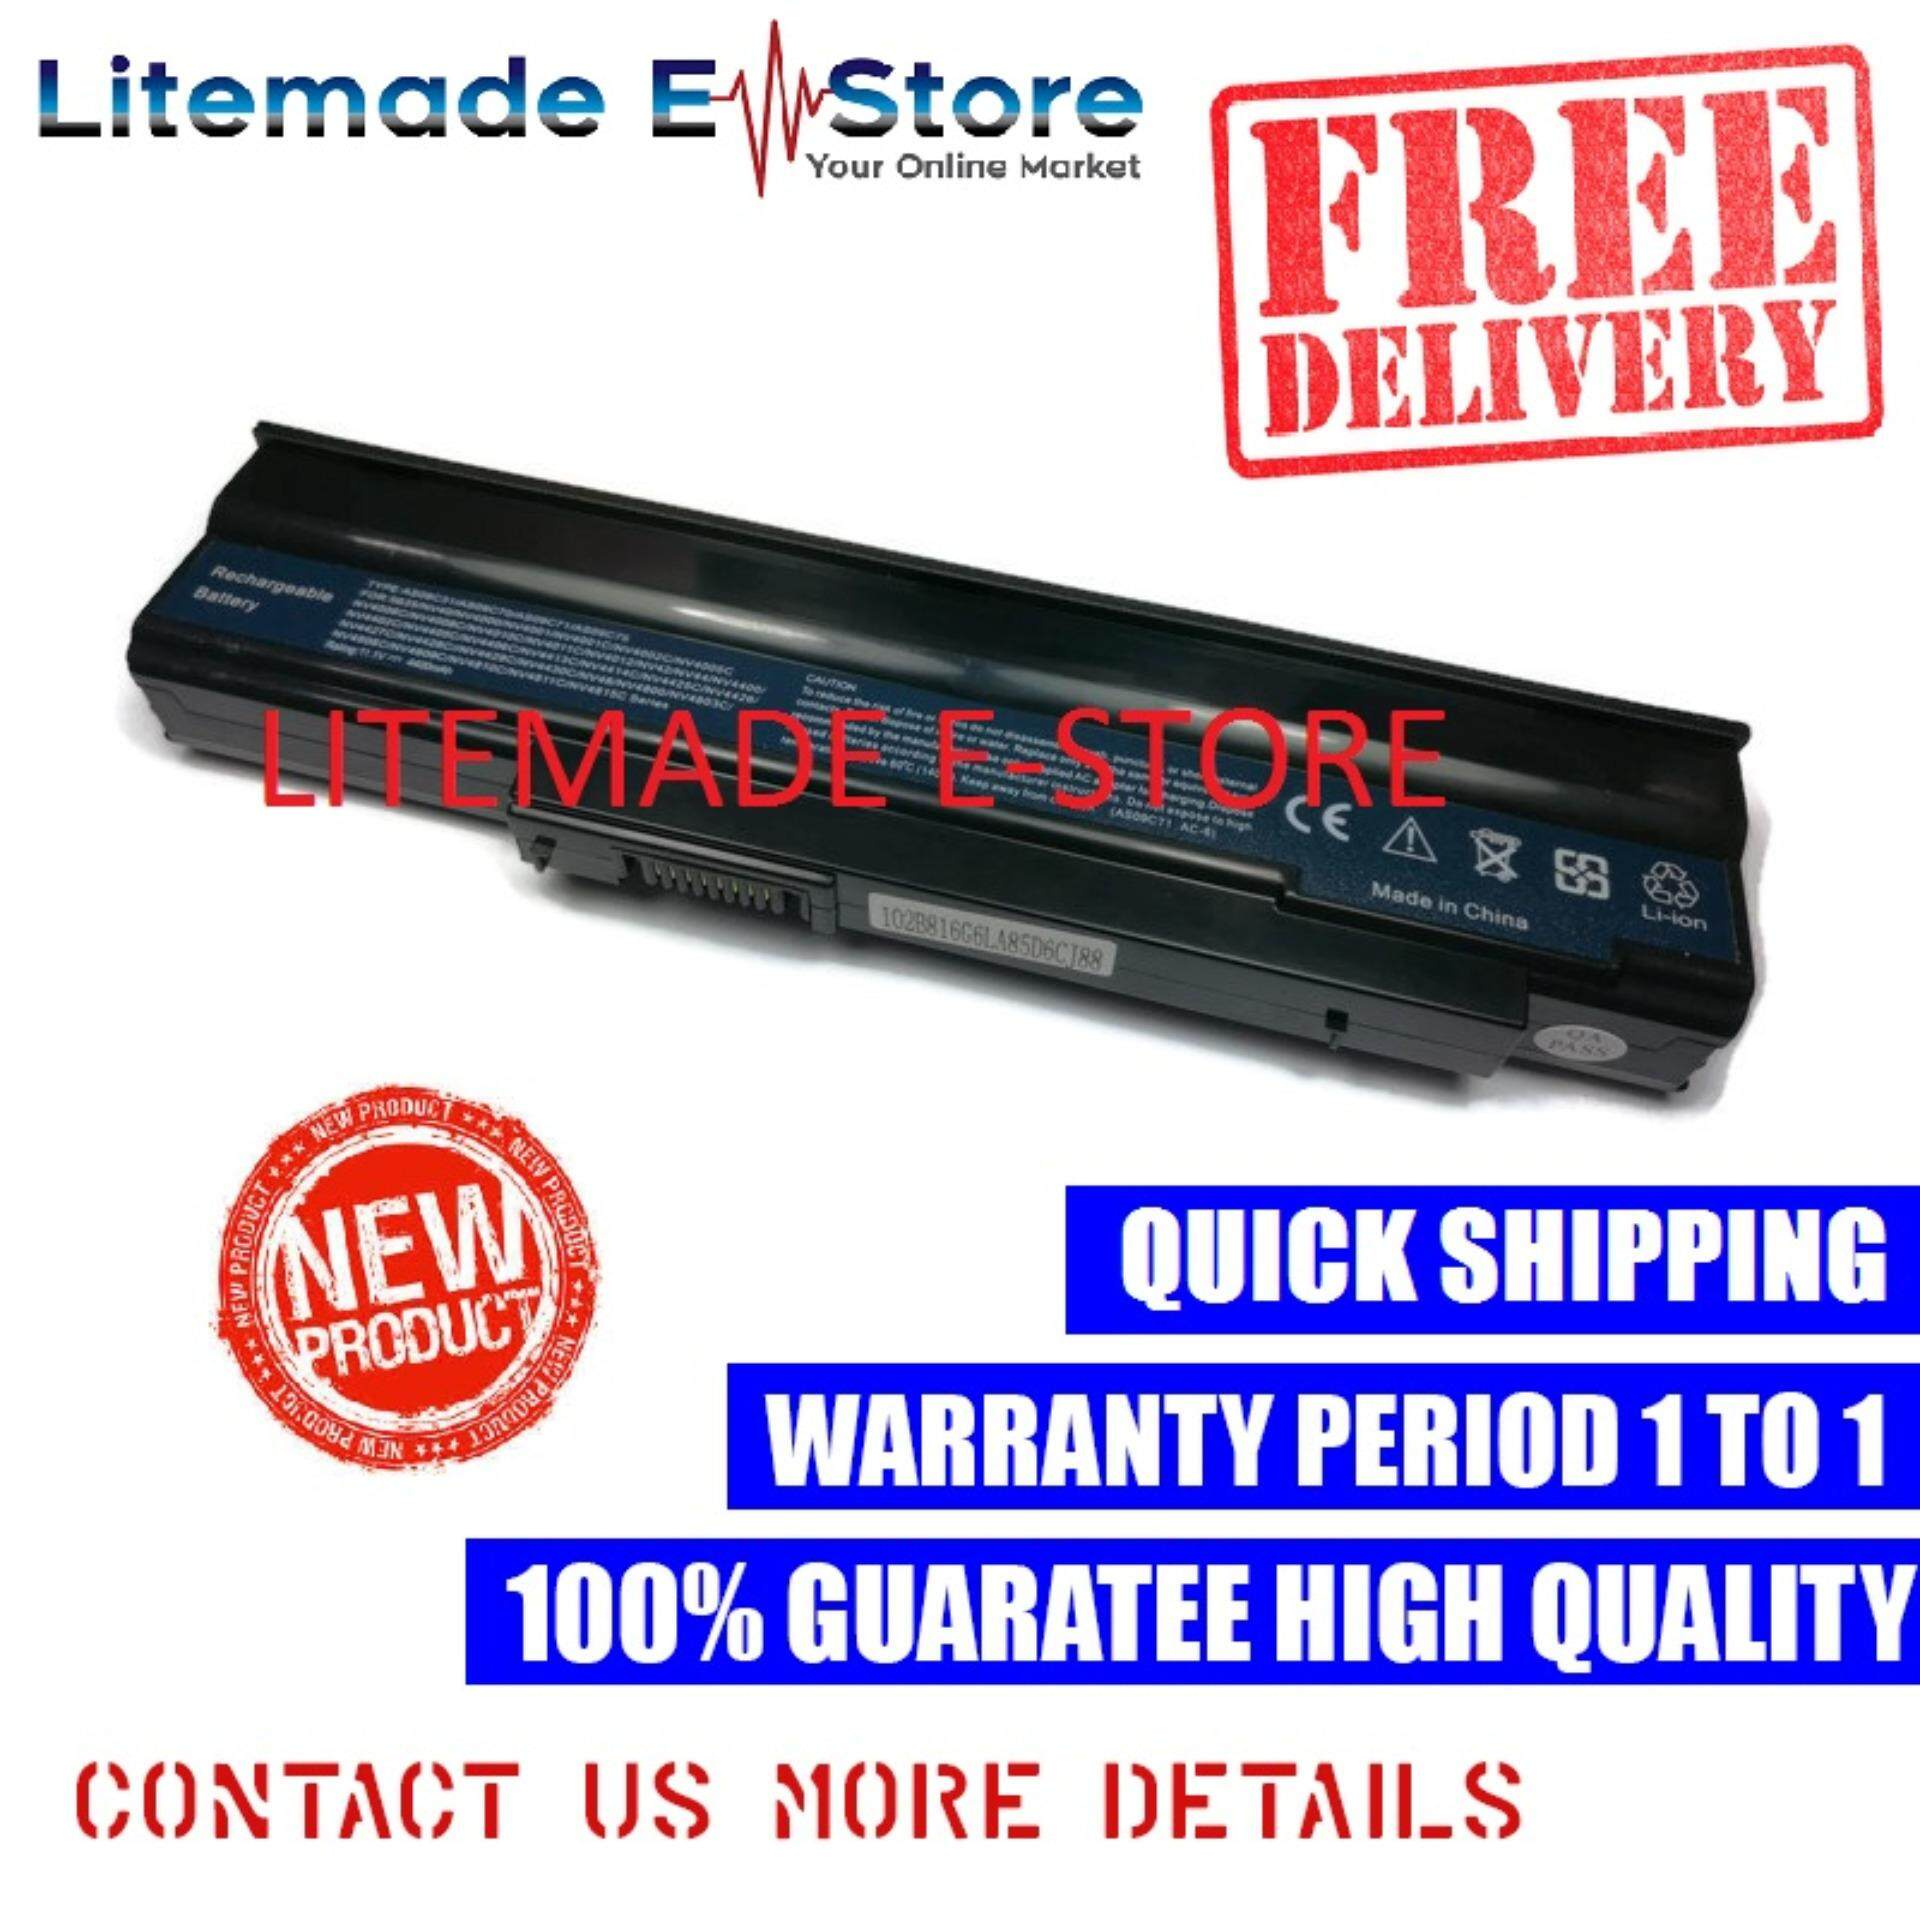 Acer E728-453G32MNKK Laptop Battery